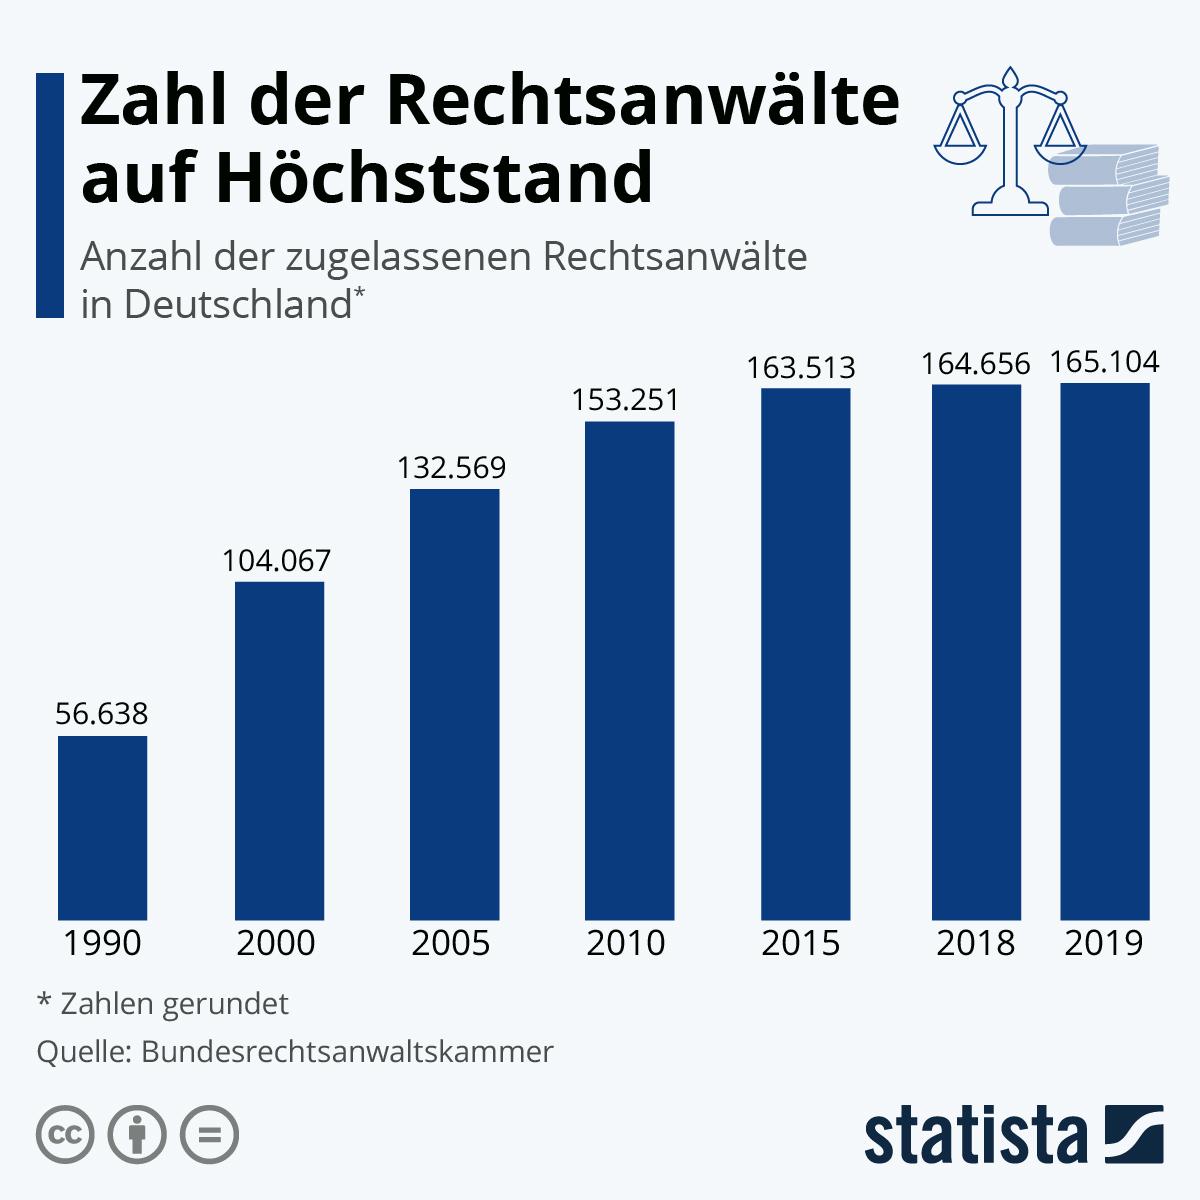 Infografik: Zahl der Rechtsanwälte auf Höchststand | Statista